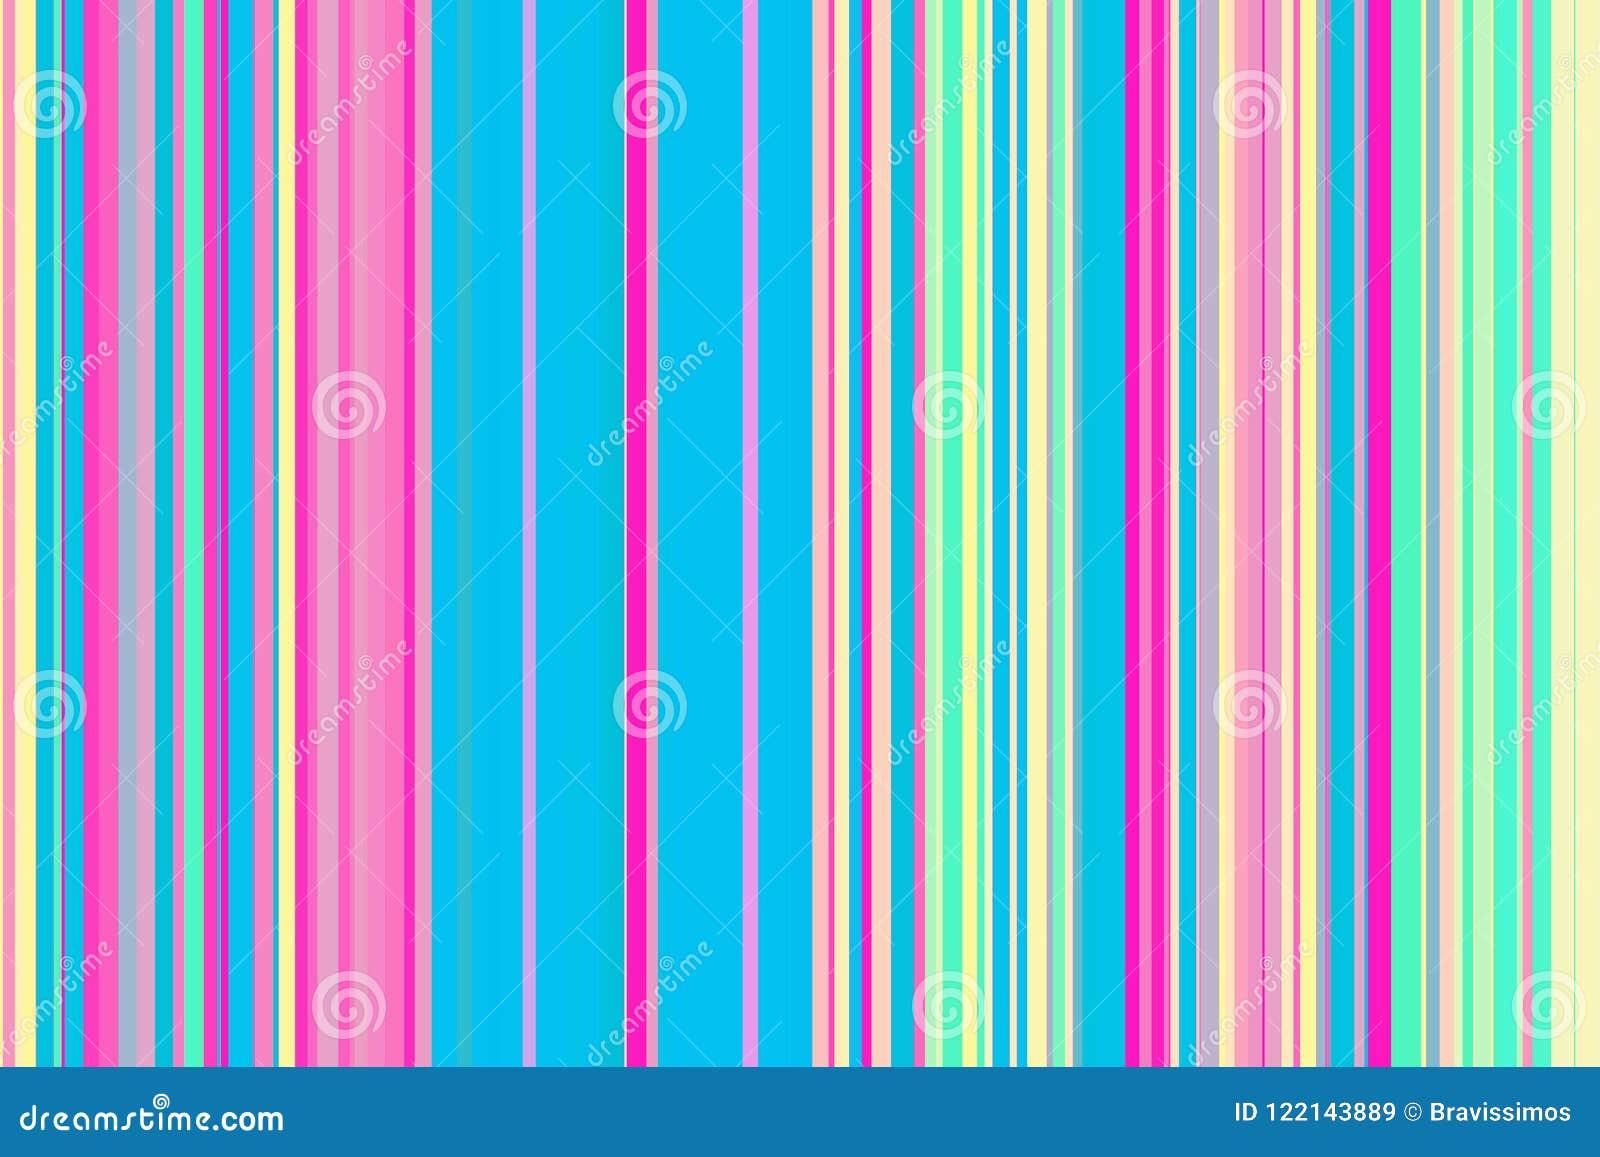 Modèle sans couture coloré de rayures Fond abstrait d illustration d arc-en-ciel Couleurs modernes élégantes de tendance